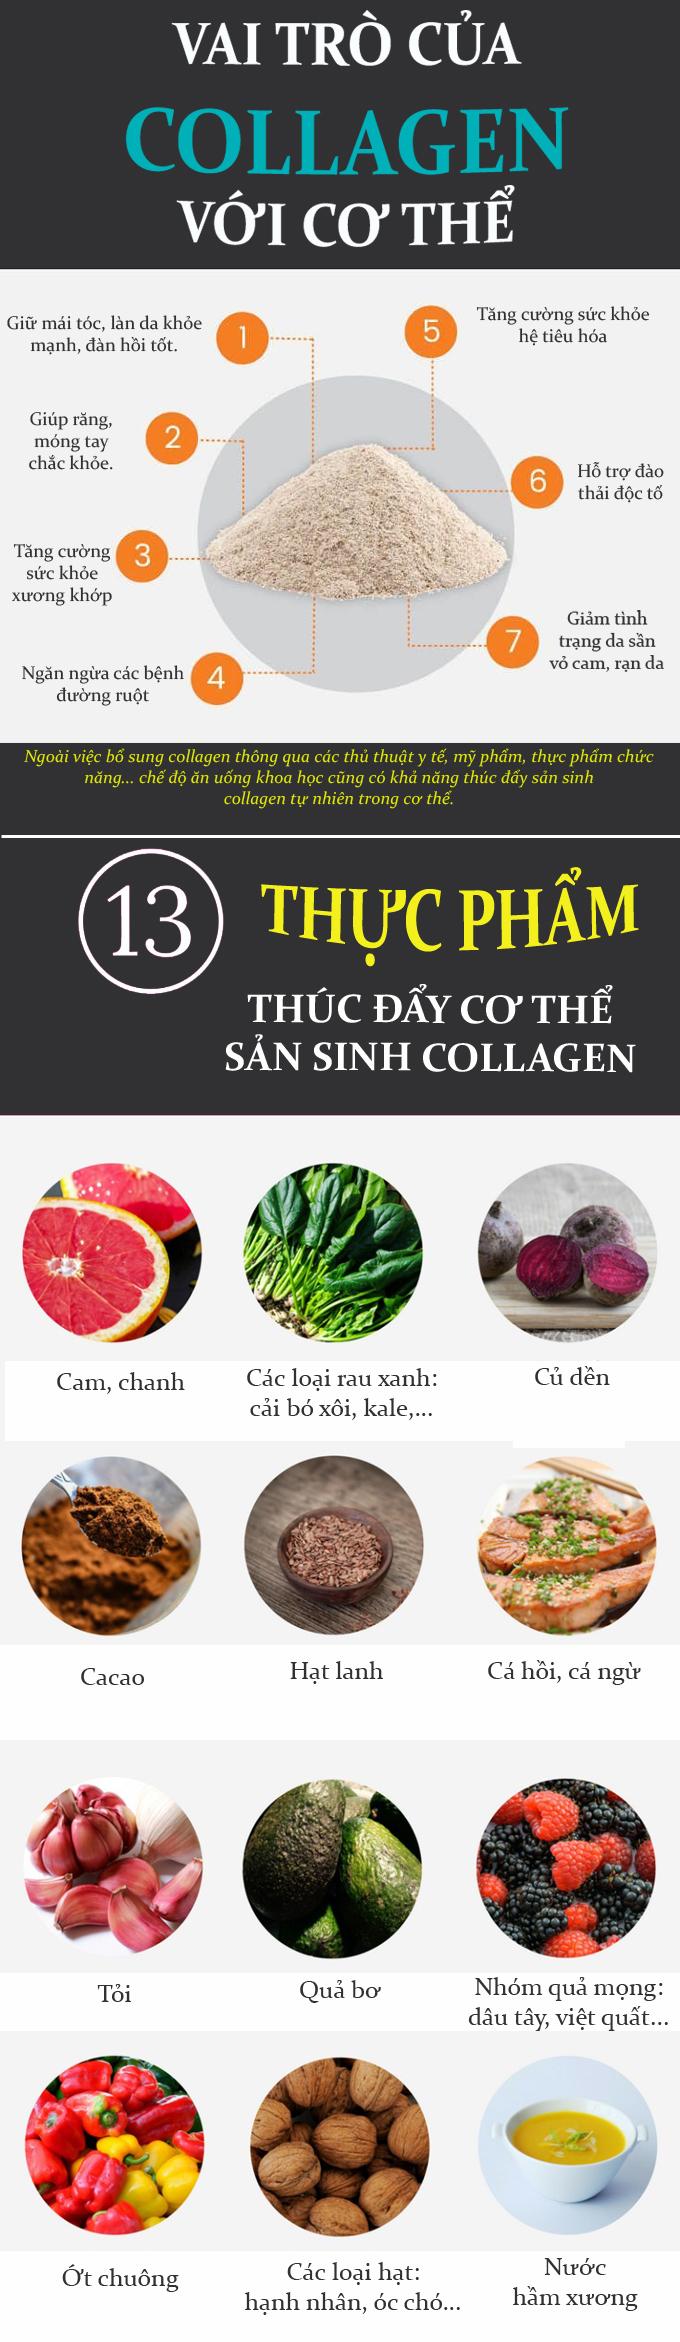 6. 7 lý do bạn nên bổ sung collagen cho cơ thể